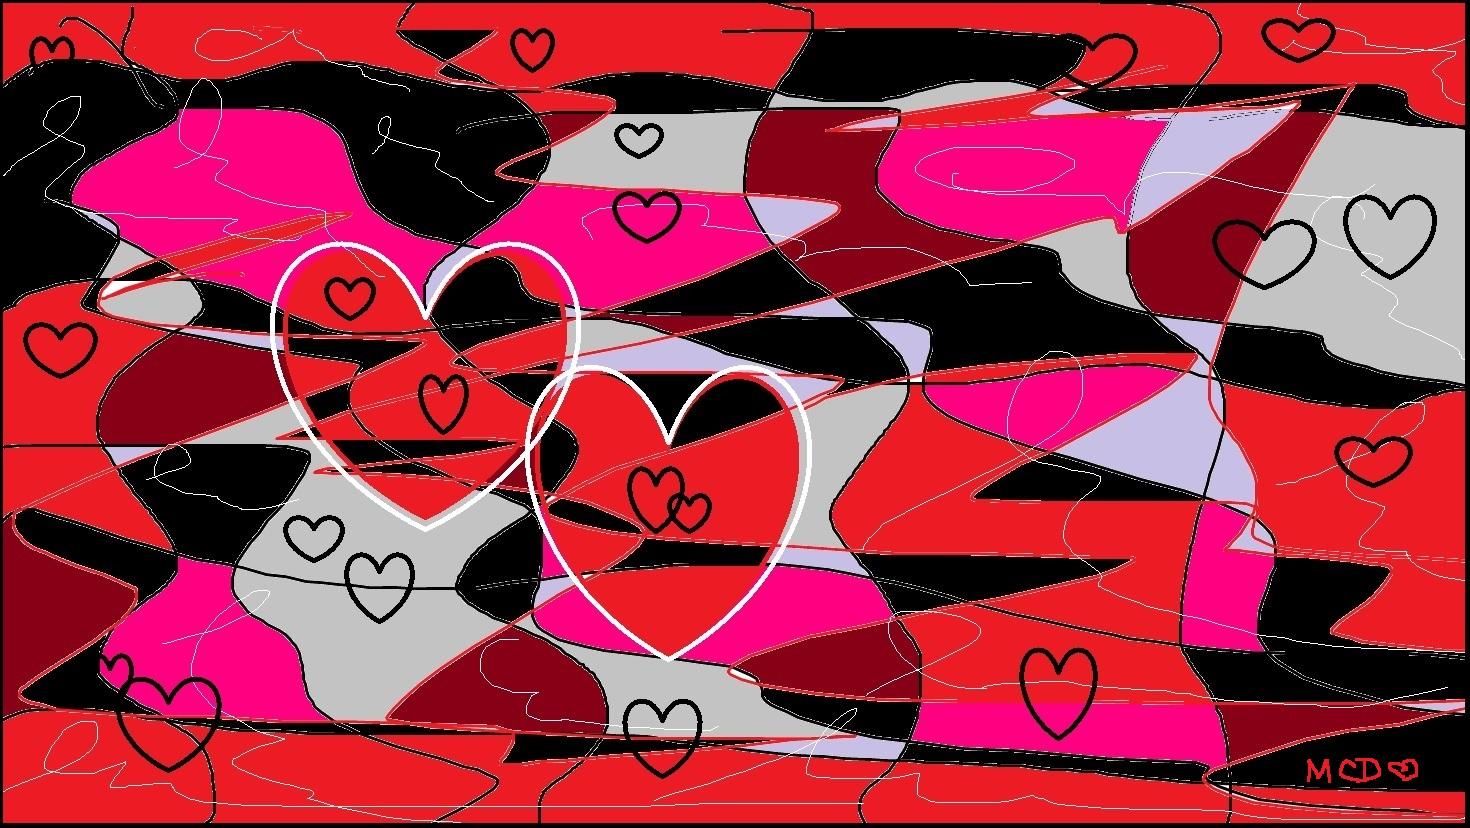 Valentine's day spirit